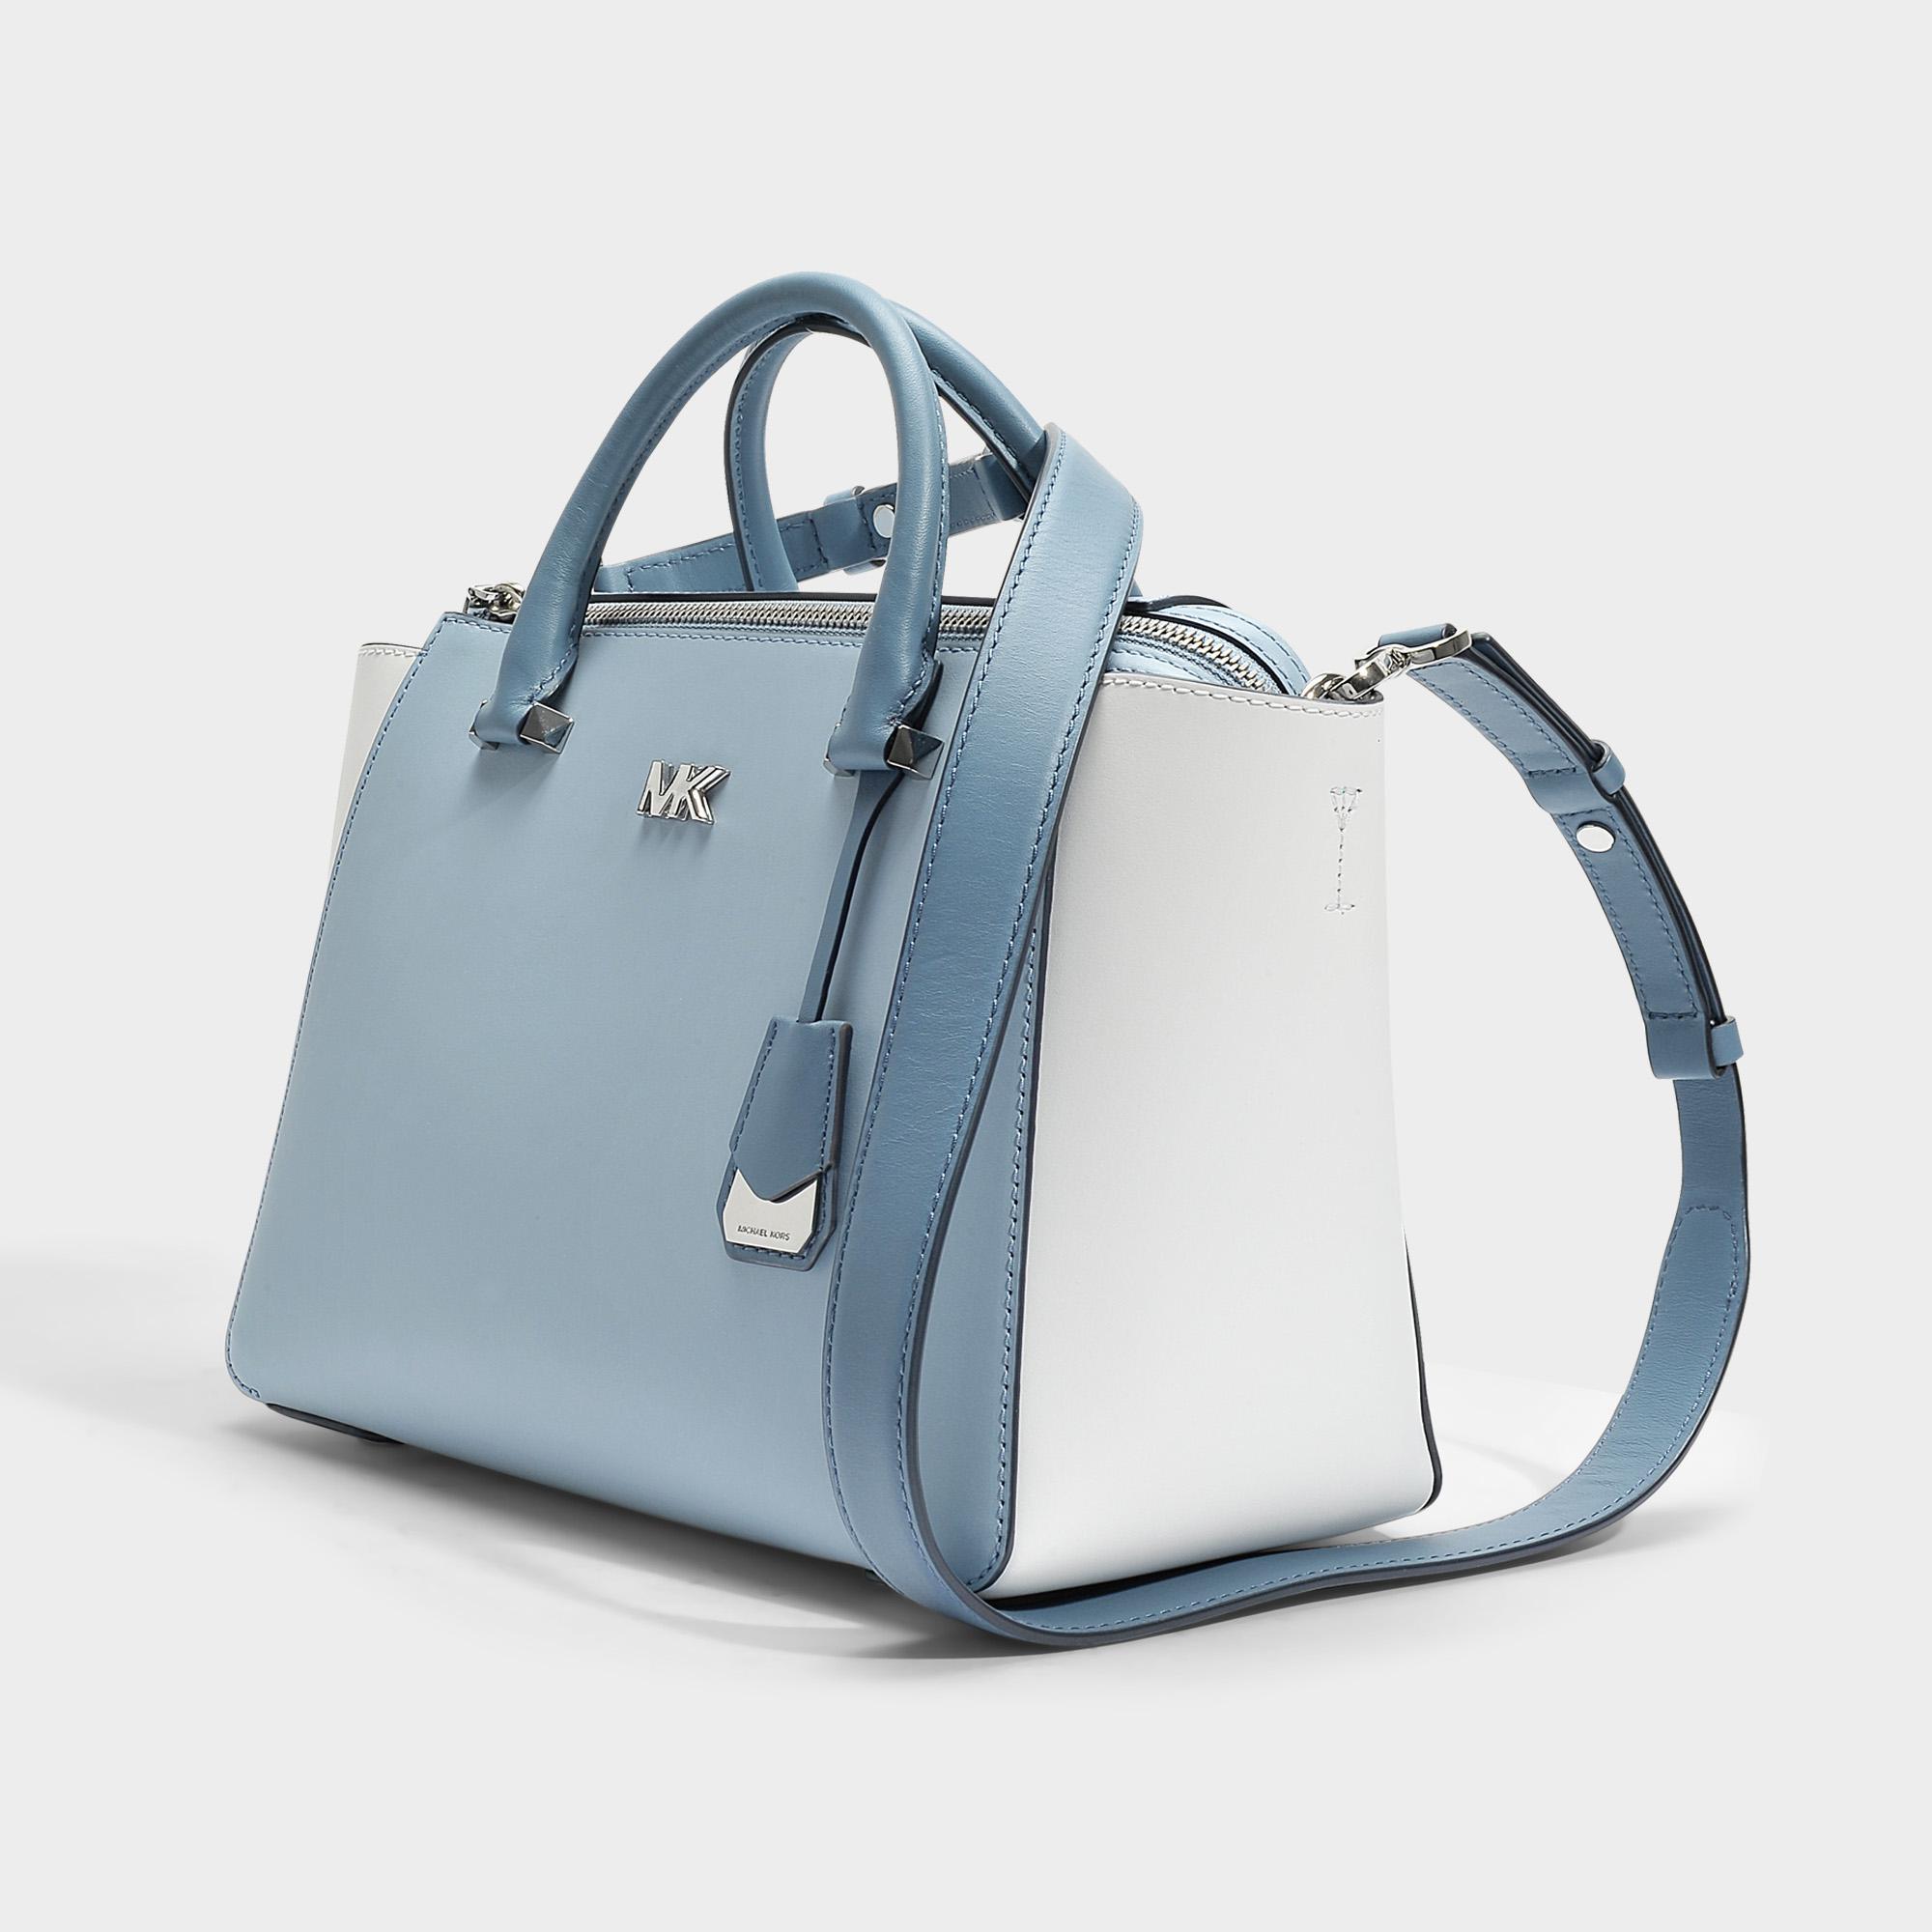 0610f55de5d6c8 MICHAEL Michael Kors Nolita Medium Satchel Bag In White And Blue ...